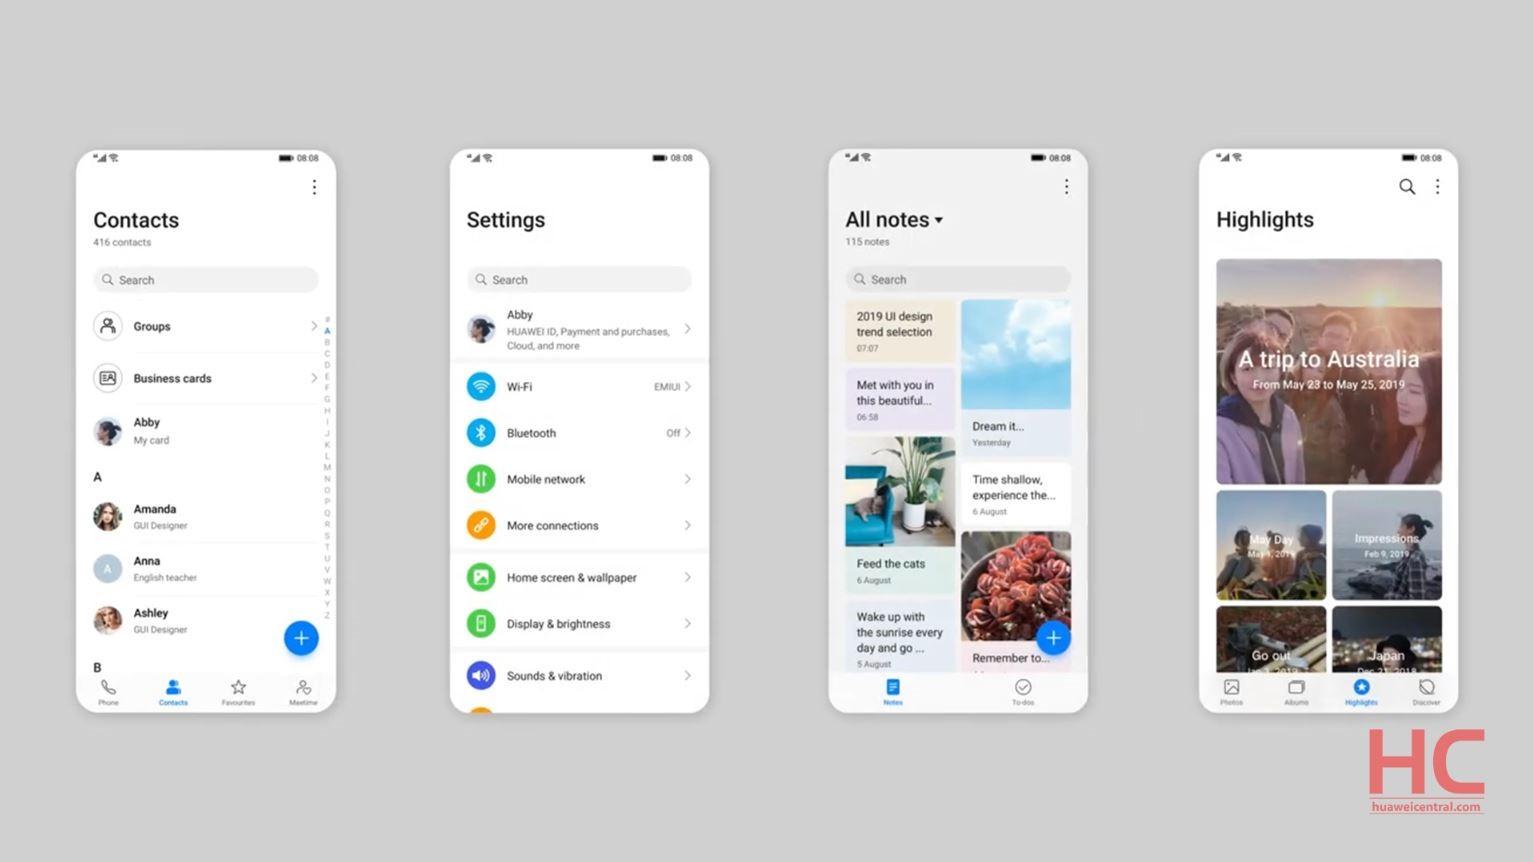 زیبایی و کارایی بیشتر حاصل تغییرات جدید در رابط کاربری جدید هوآوی